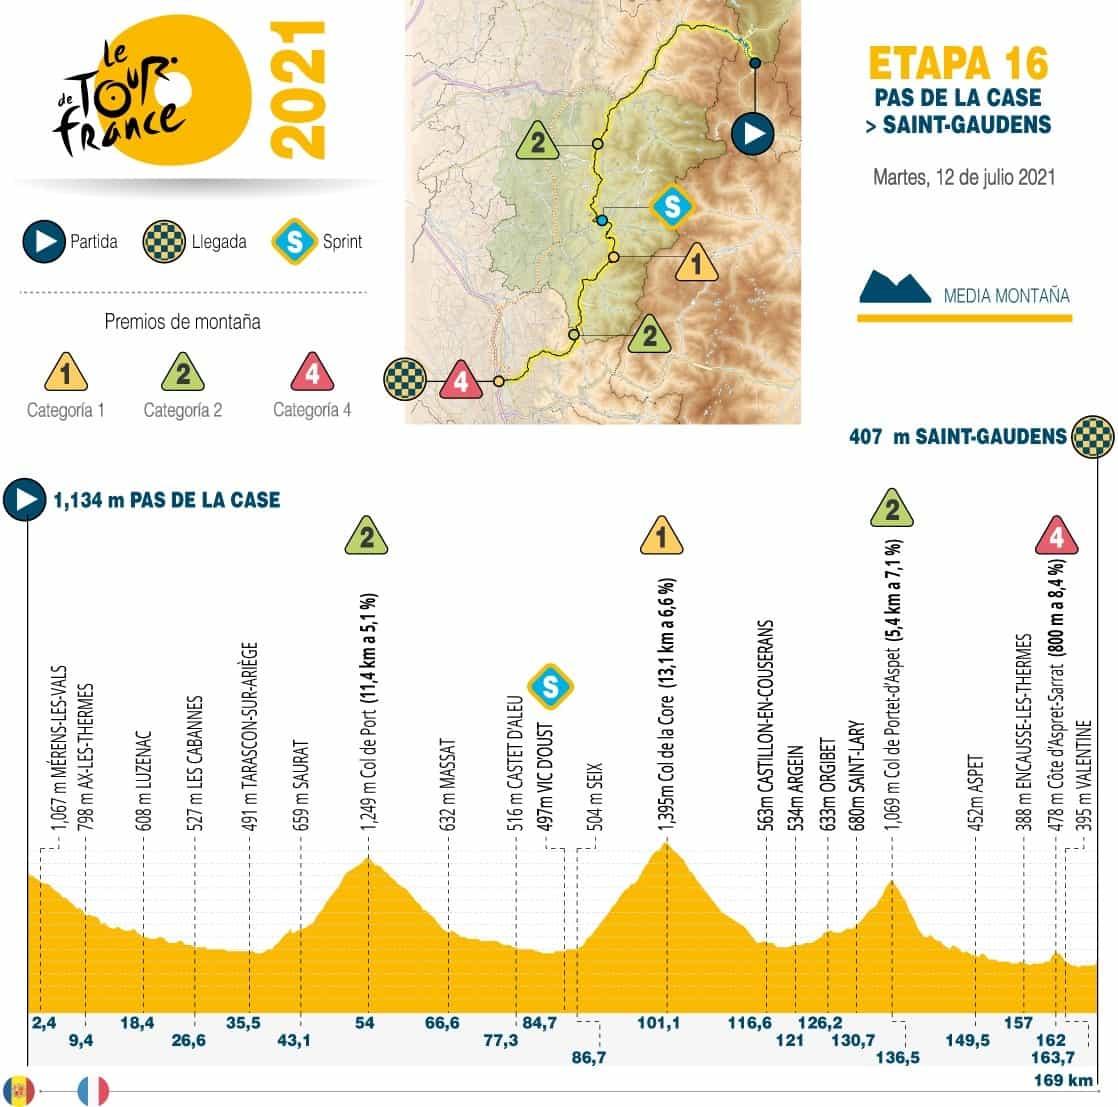 [Tour de Francia] Así es la etapa 16 en la Grande Boucle 1